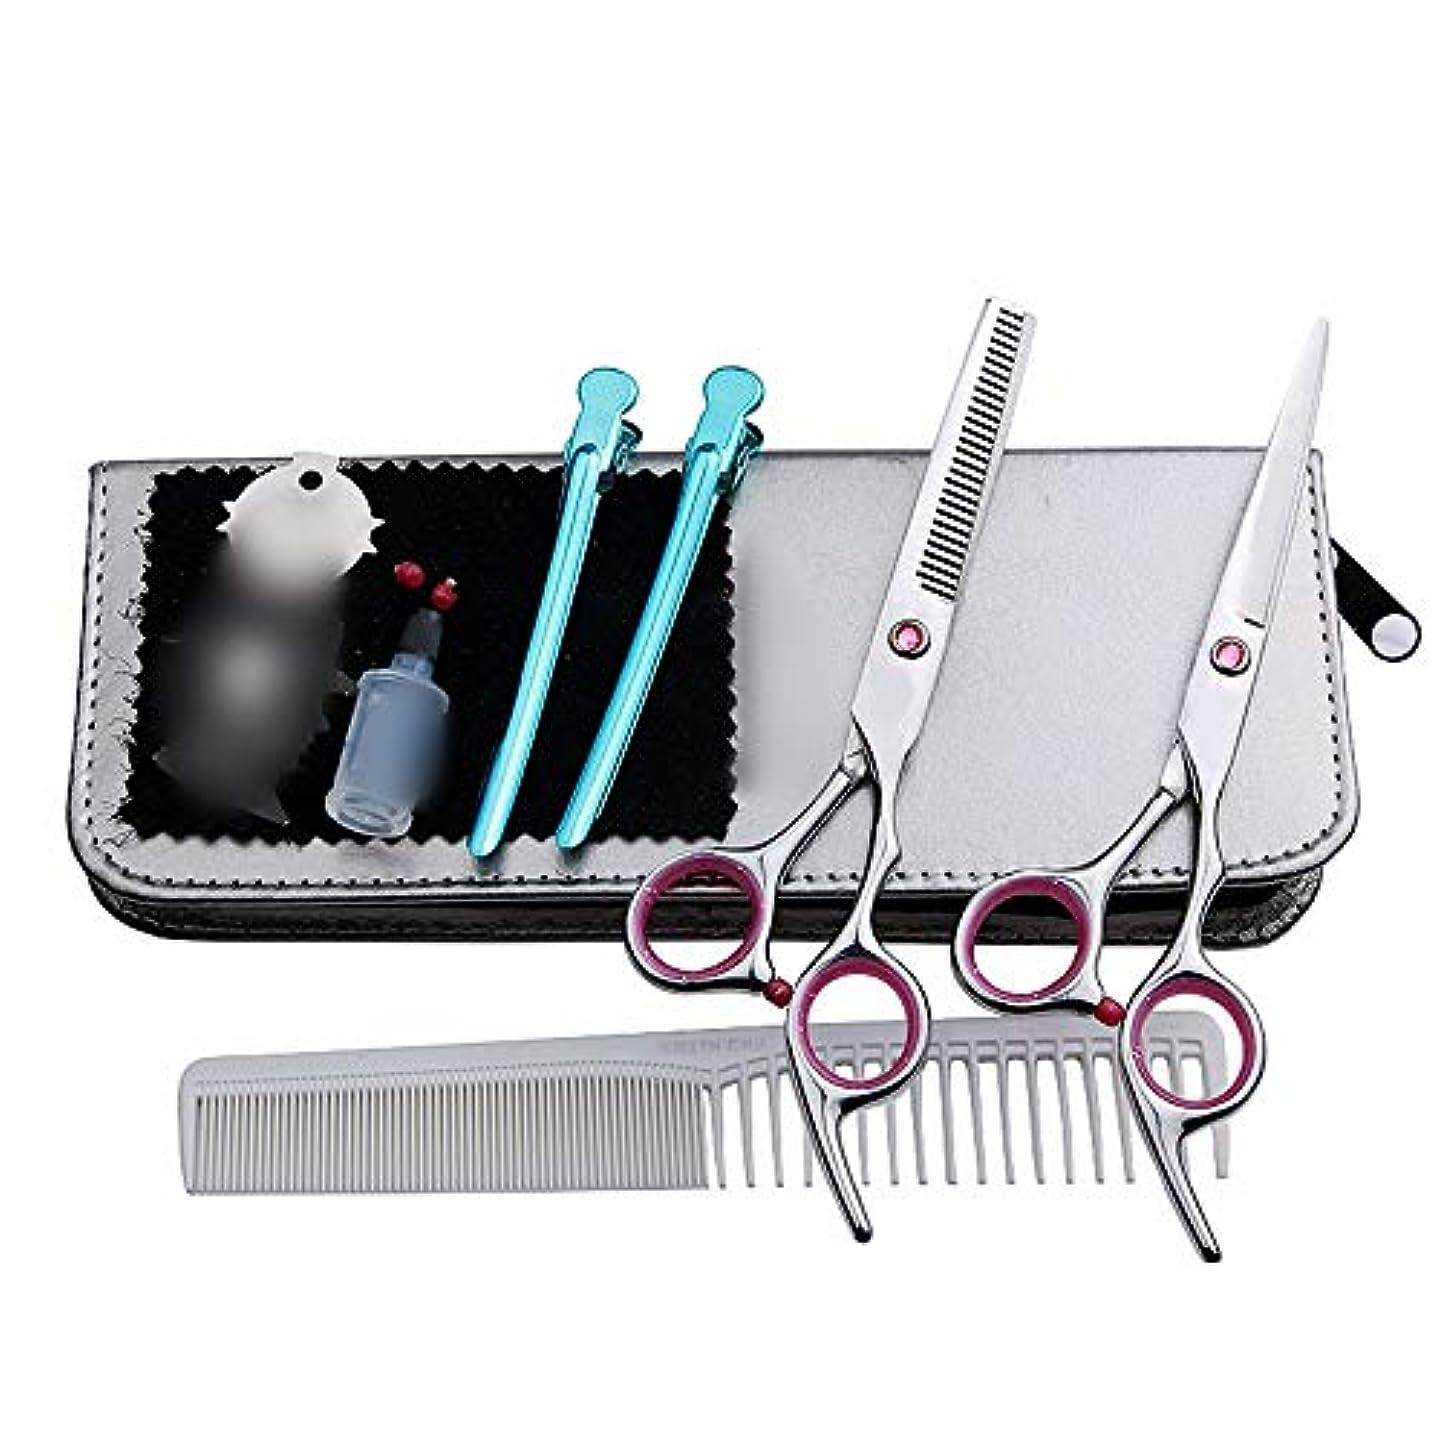 想像力豊かな楽しい装備するGoodsok-jp 6インチの美容院の専門のヘアカットセット、平らな歯のはさみのヘアカットセット (色 : ピンク)